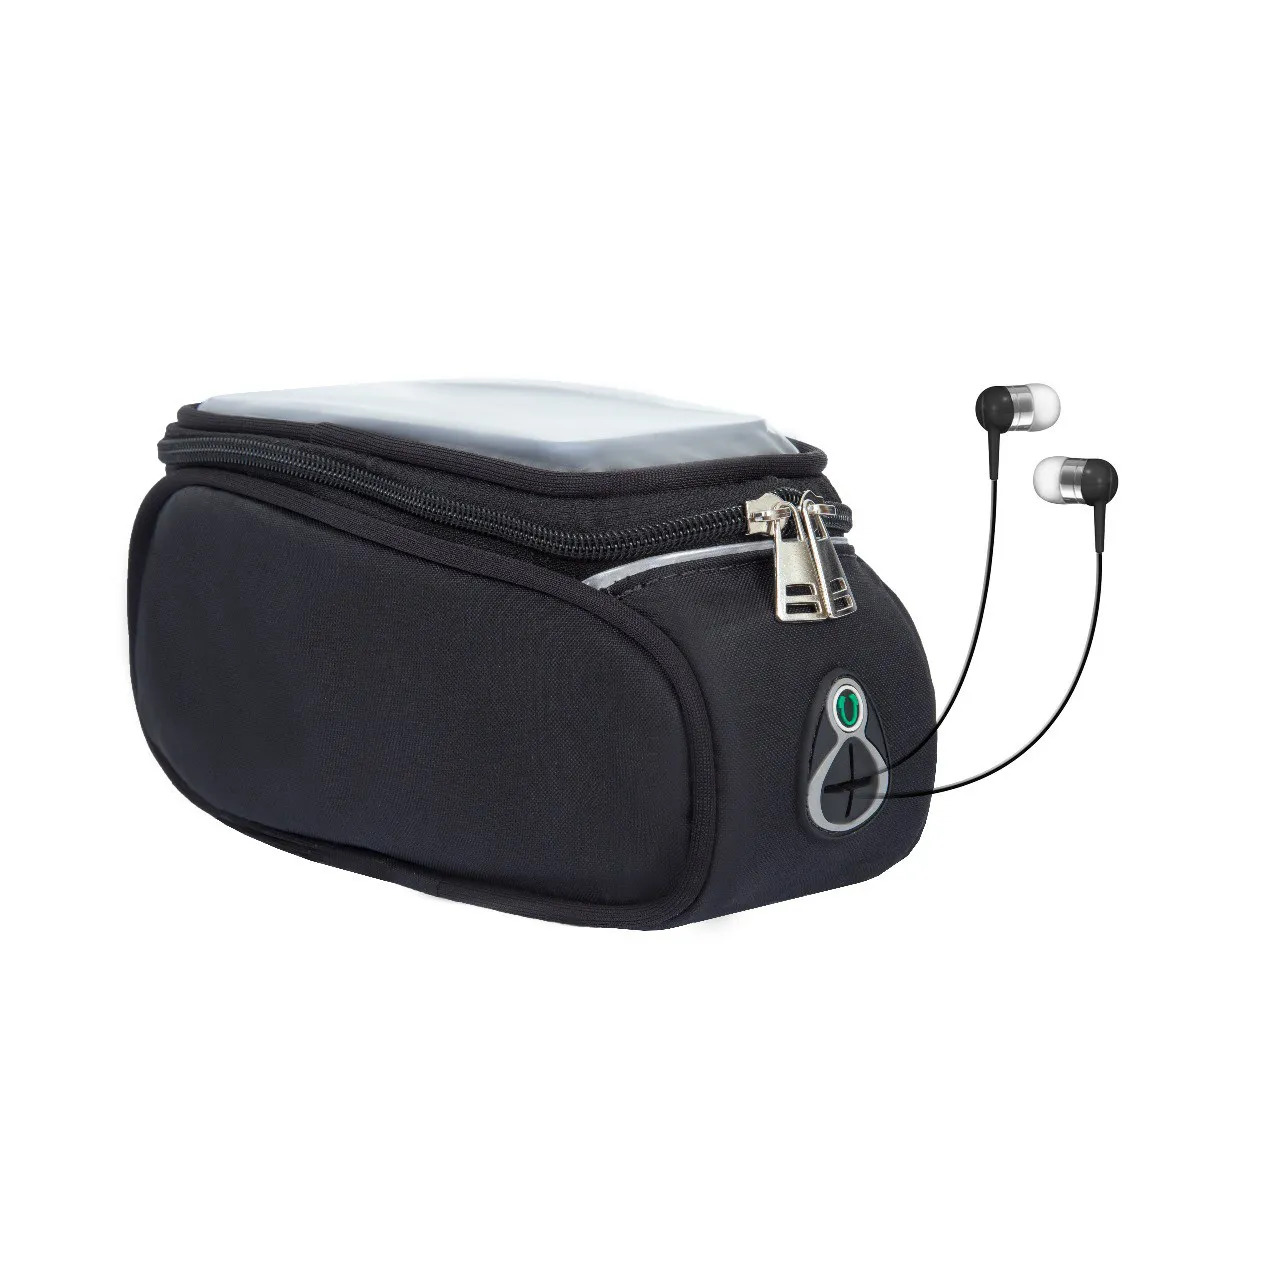 Bolsa de Quadro FitSanté com porta Celular